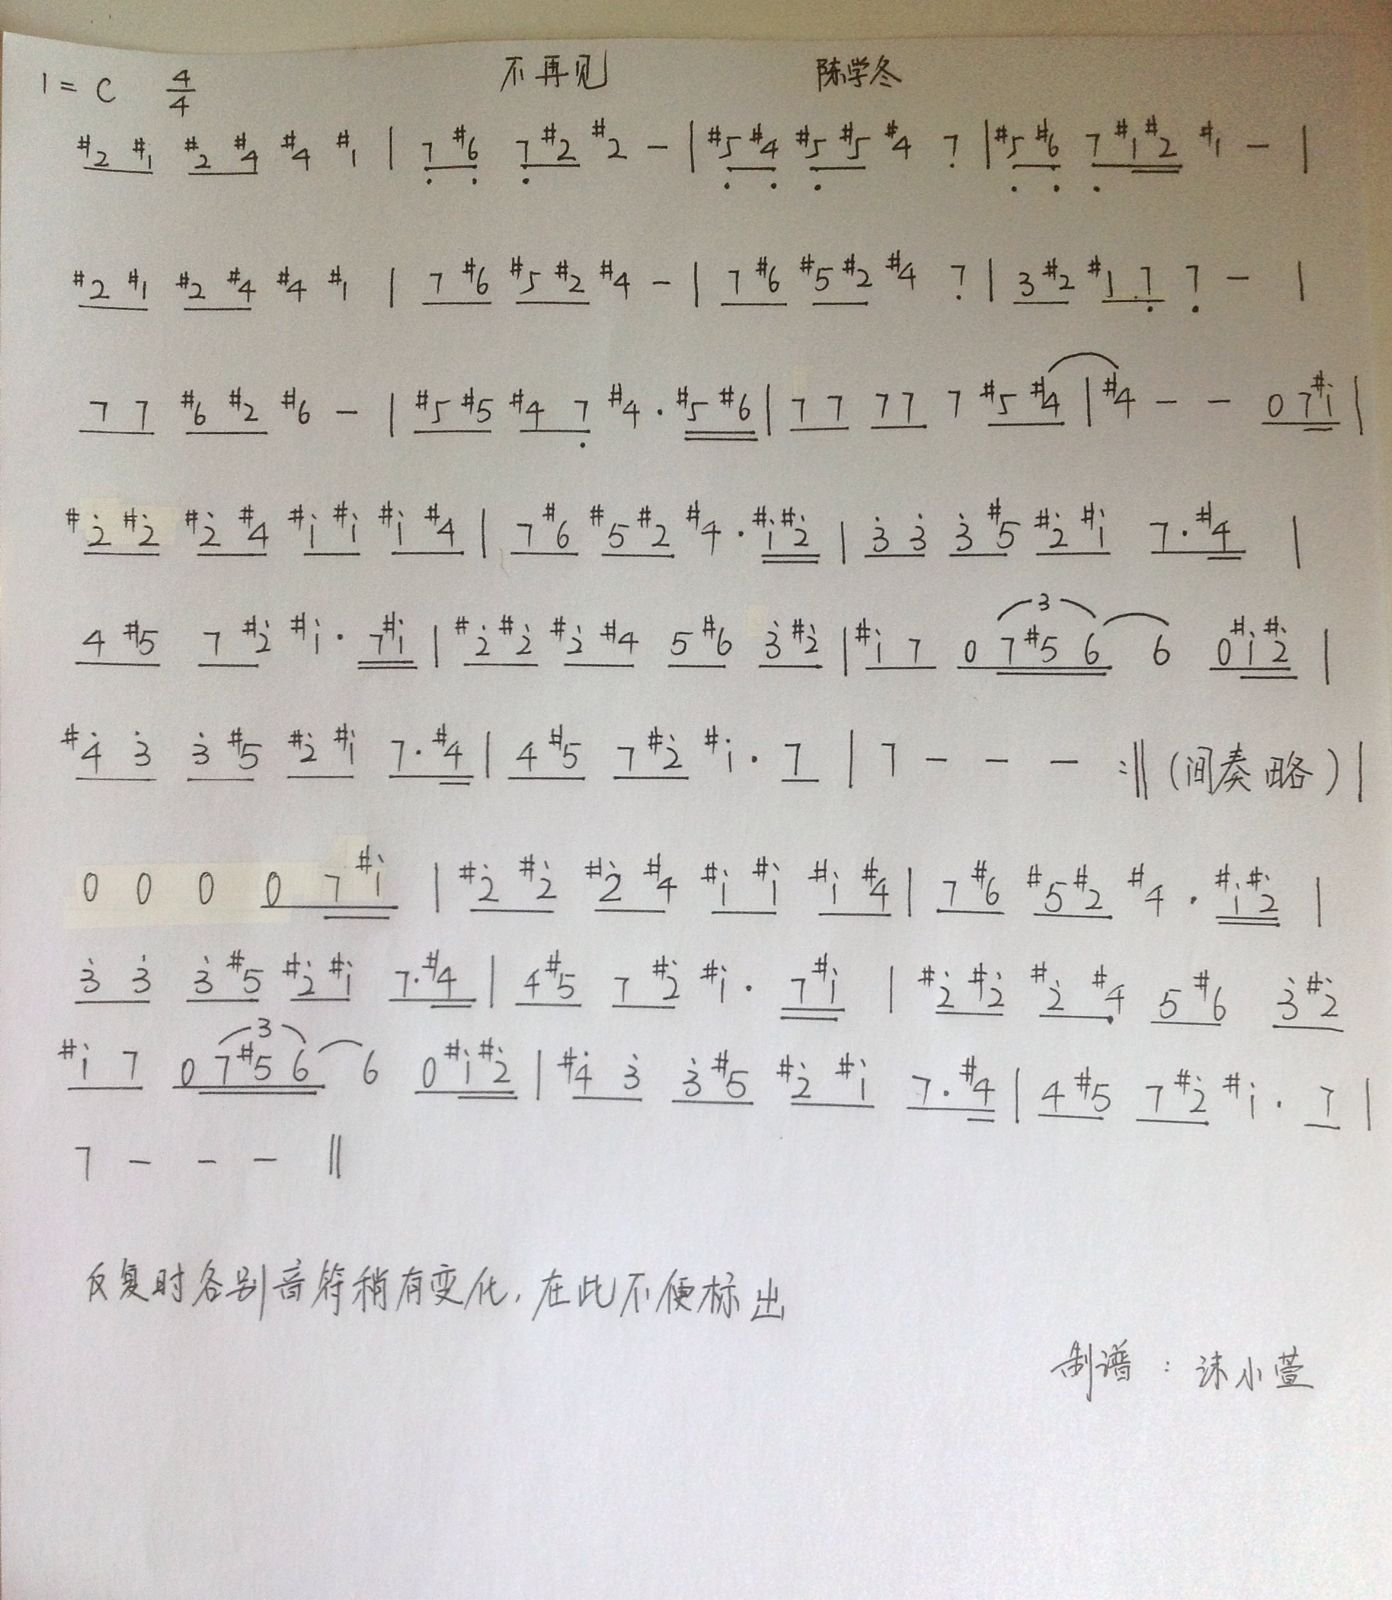 陈学冬唱的不再见 的简谱图片